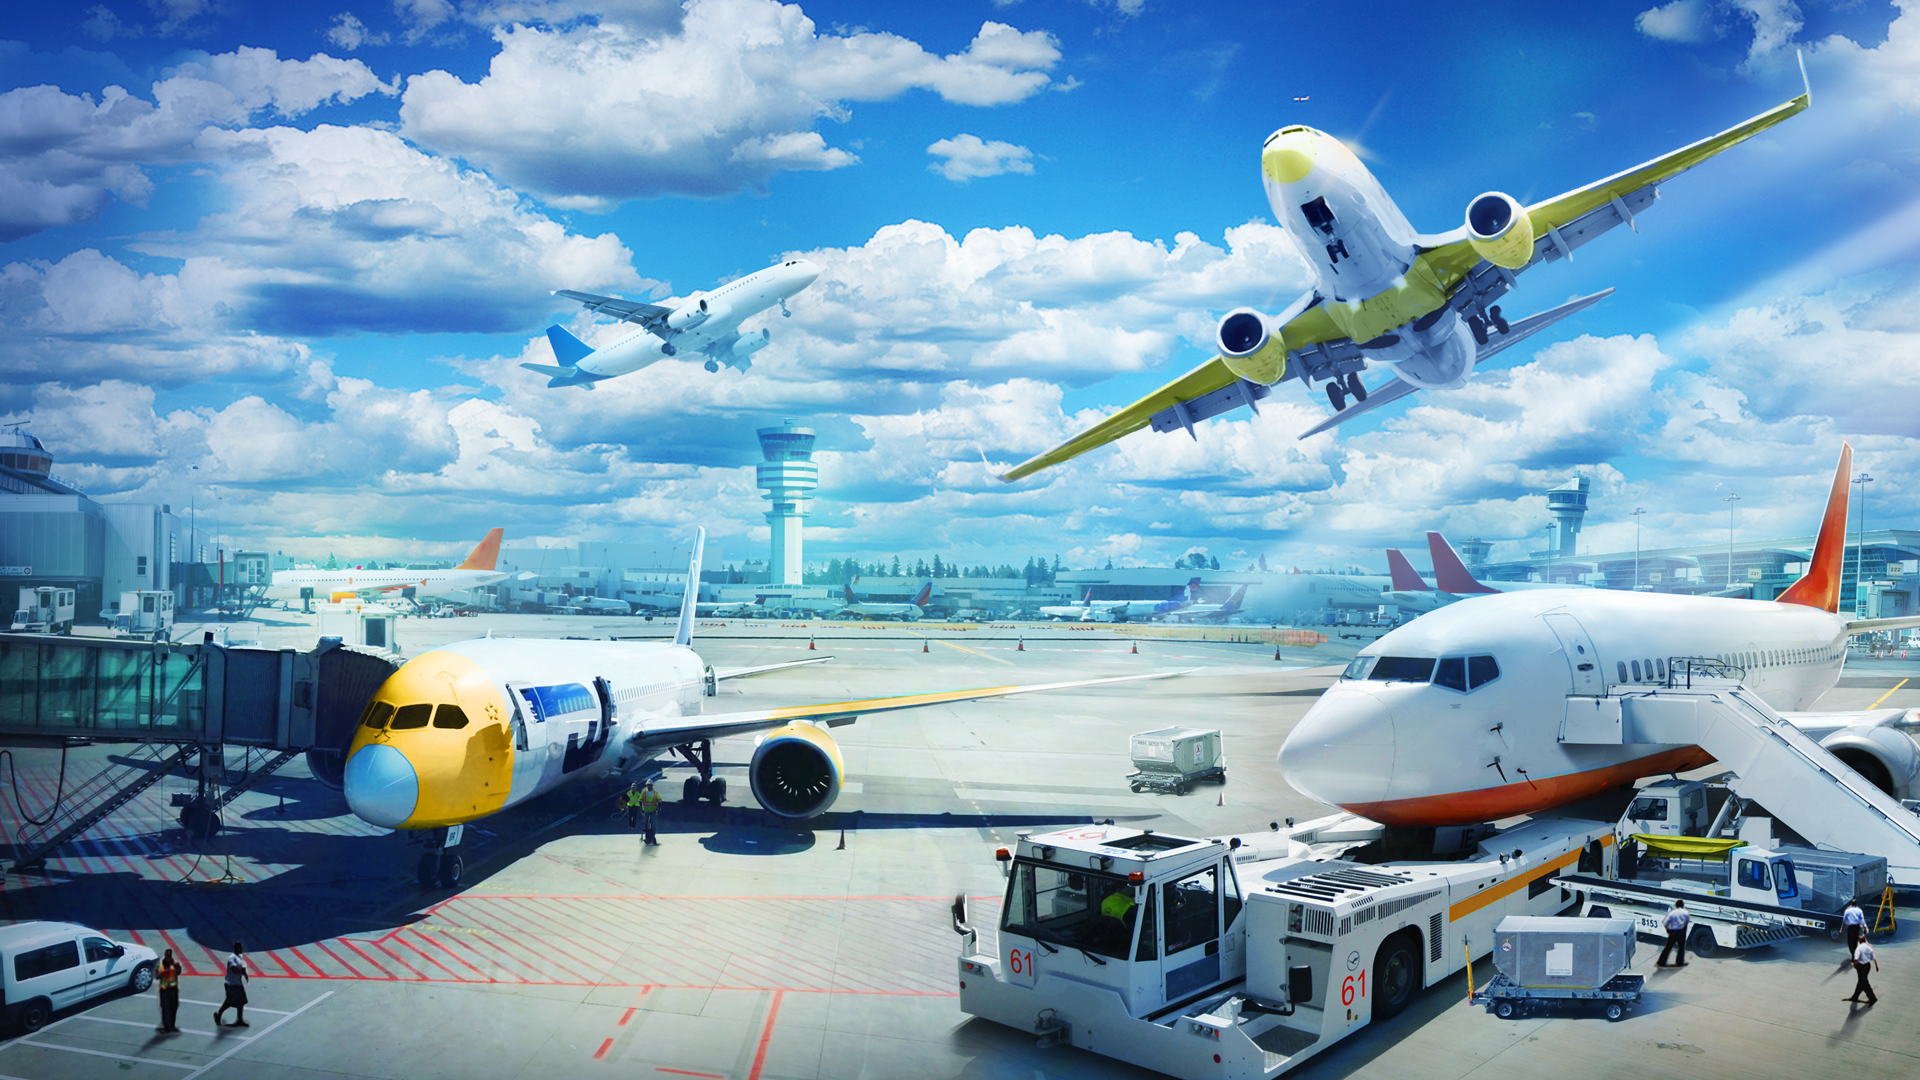 Buy Airport Simulator 2019